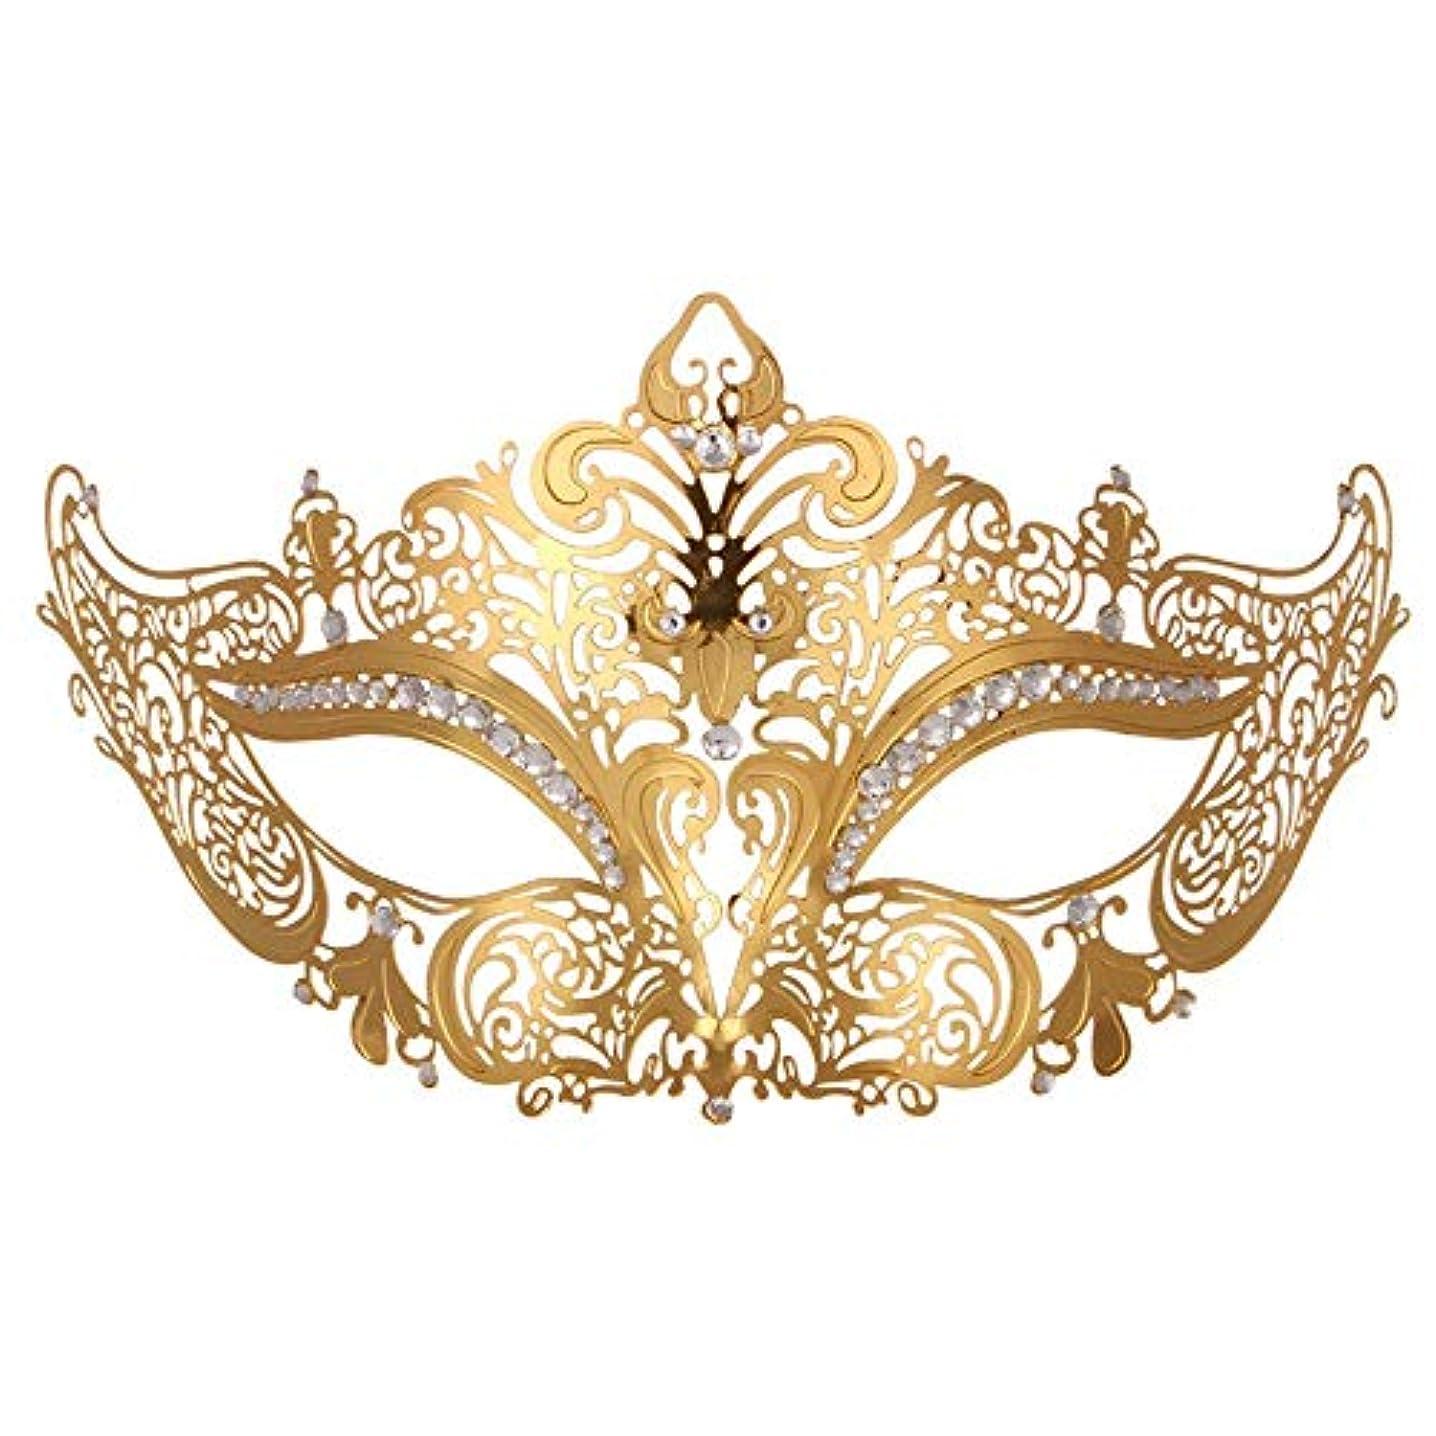 ダンスマスク 高級金メッキ銀マスク仮装小道具ロールプレイングナイトクラブパーティーマスク ホリデーパーティー用品 (色 : ゴールド, サイズ : Universal)